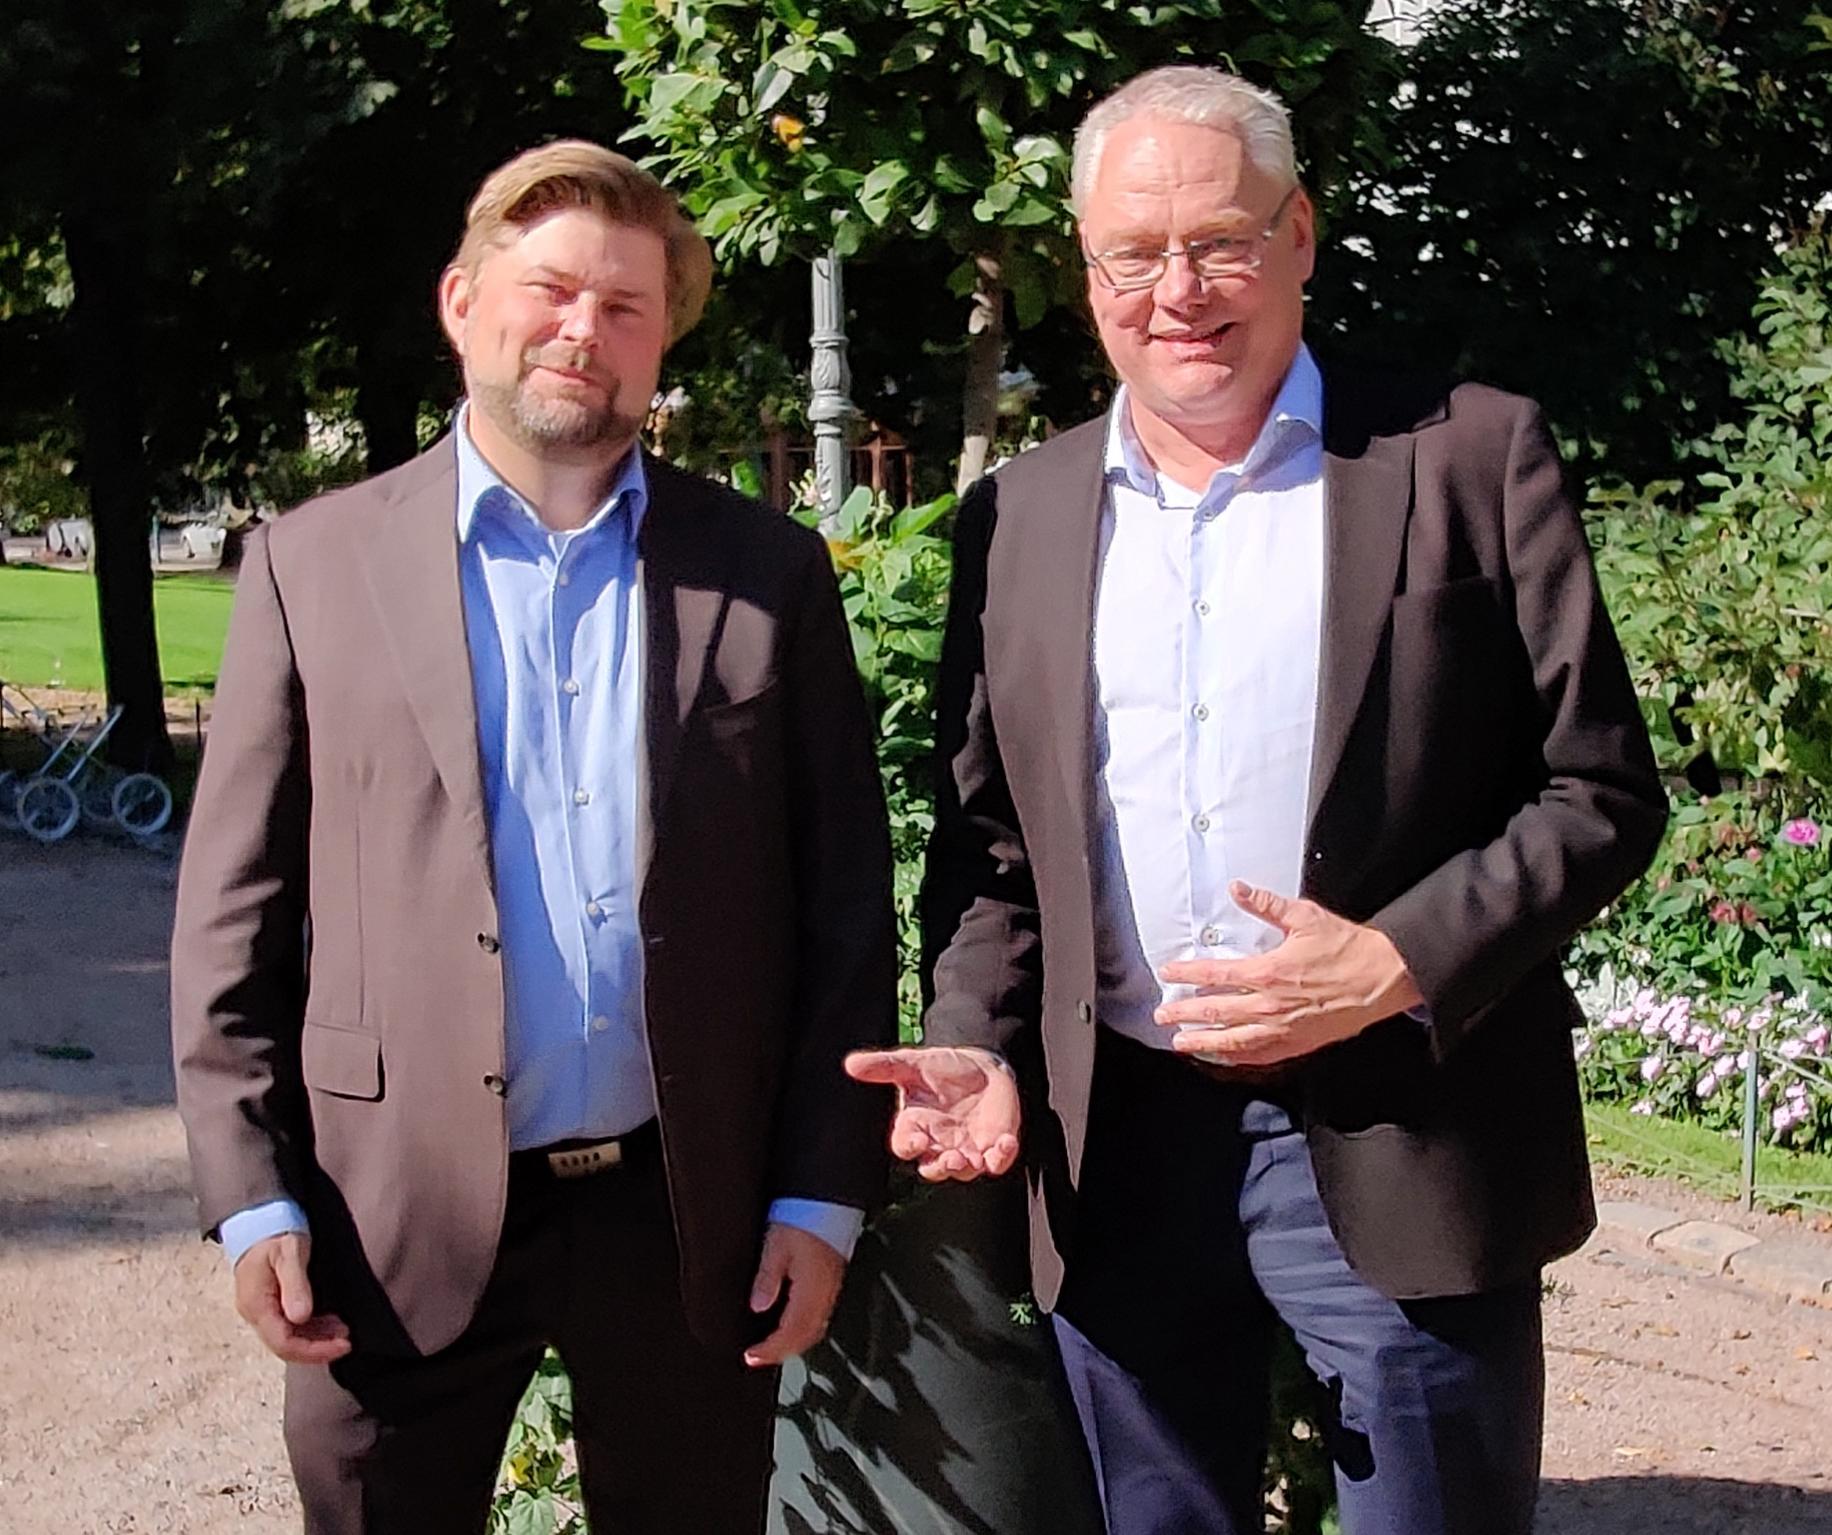 Mika Nilsson ja Thomas Sparring